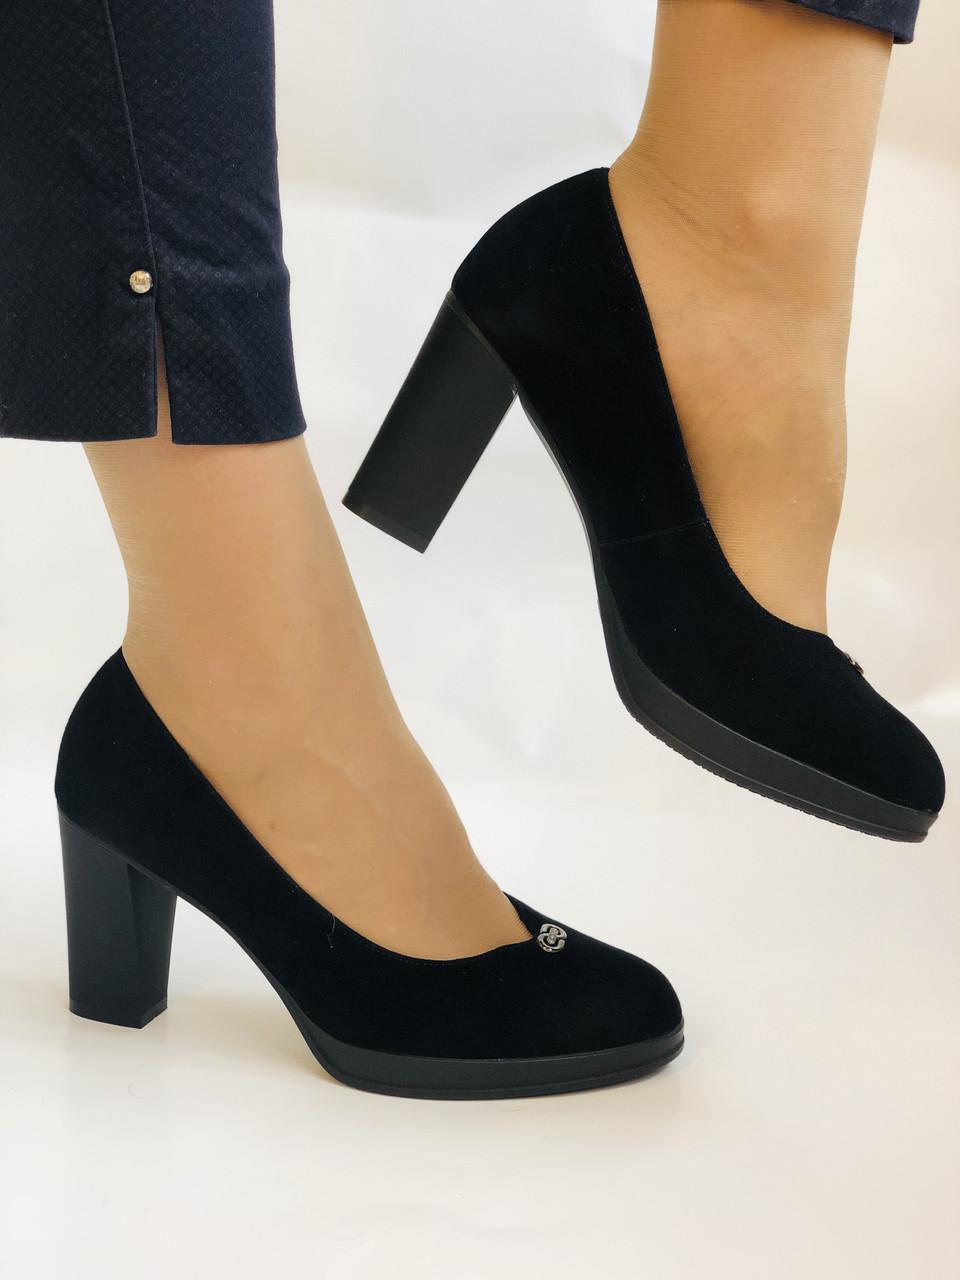 Женские модельные туфли-лодочки высокого качества.Polann. Натуральная замша. Супер комфорт. 35 39 40